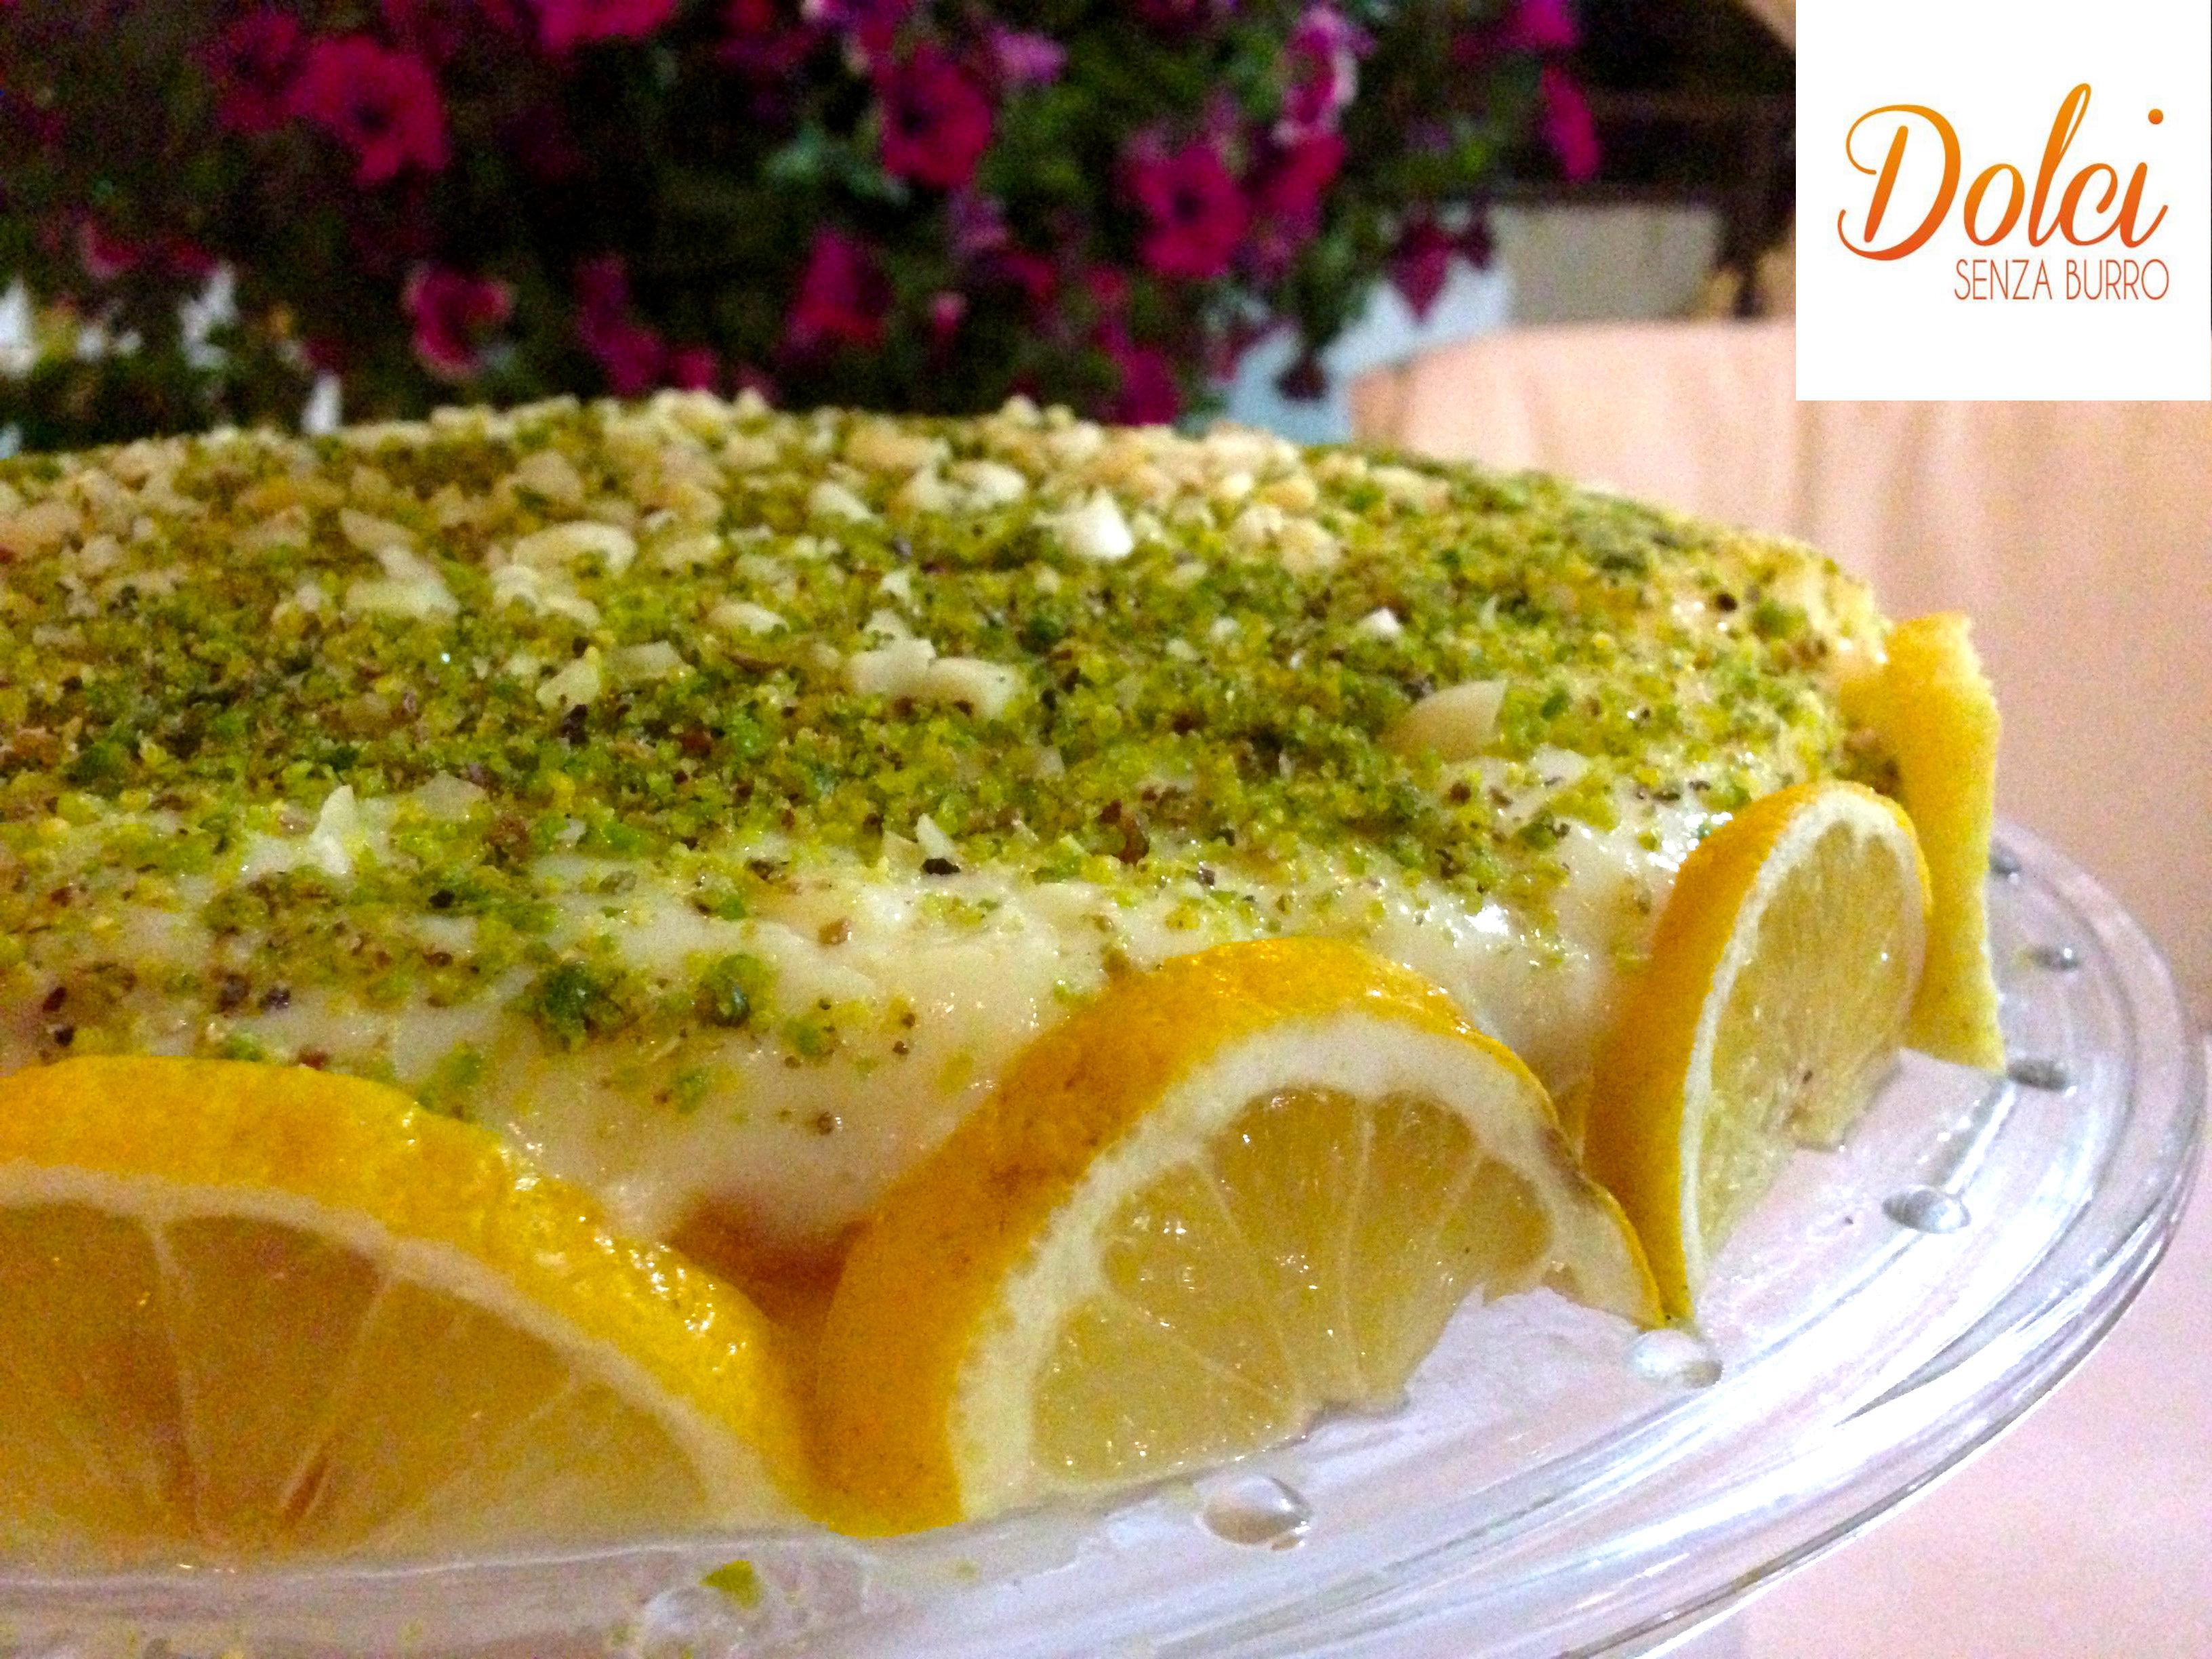 Torta Senza Burro con Crema al Limoncello , il dolce sfizioso di Dolci Senza Burro